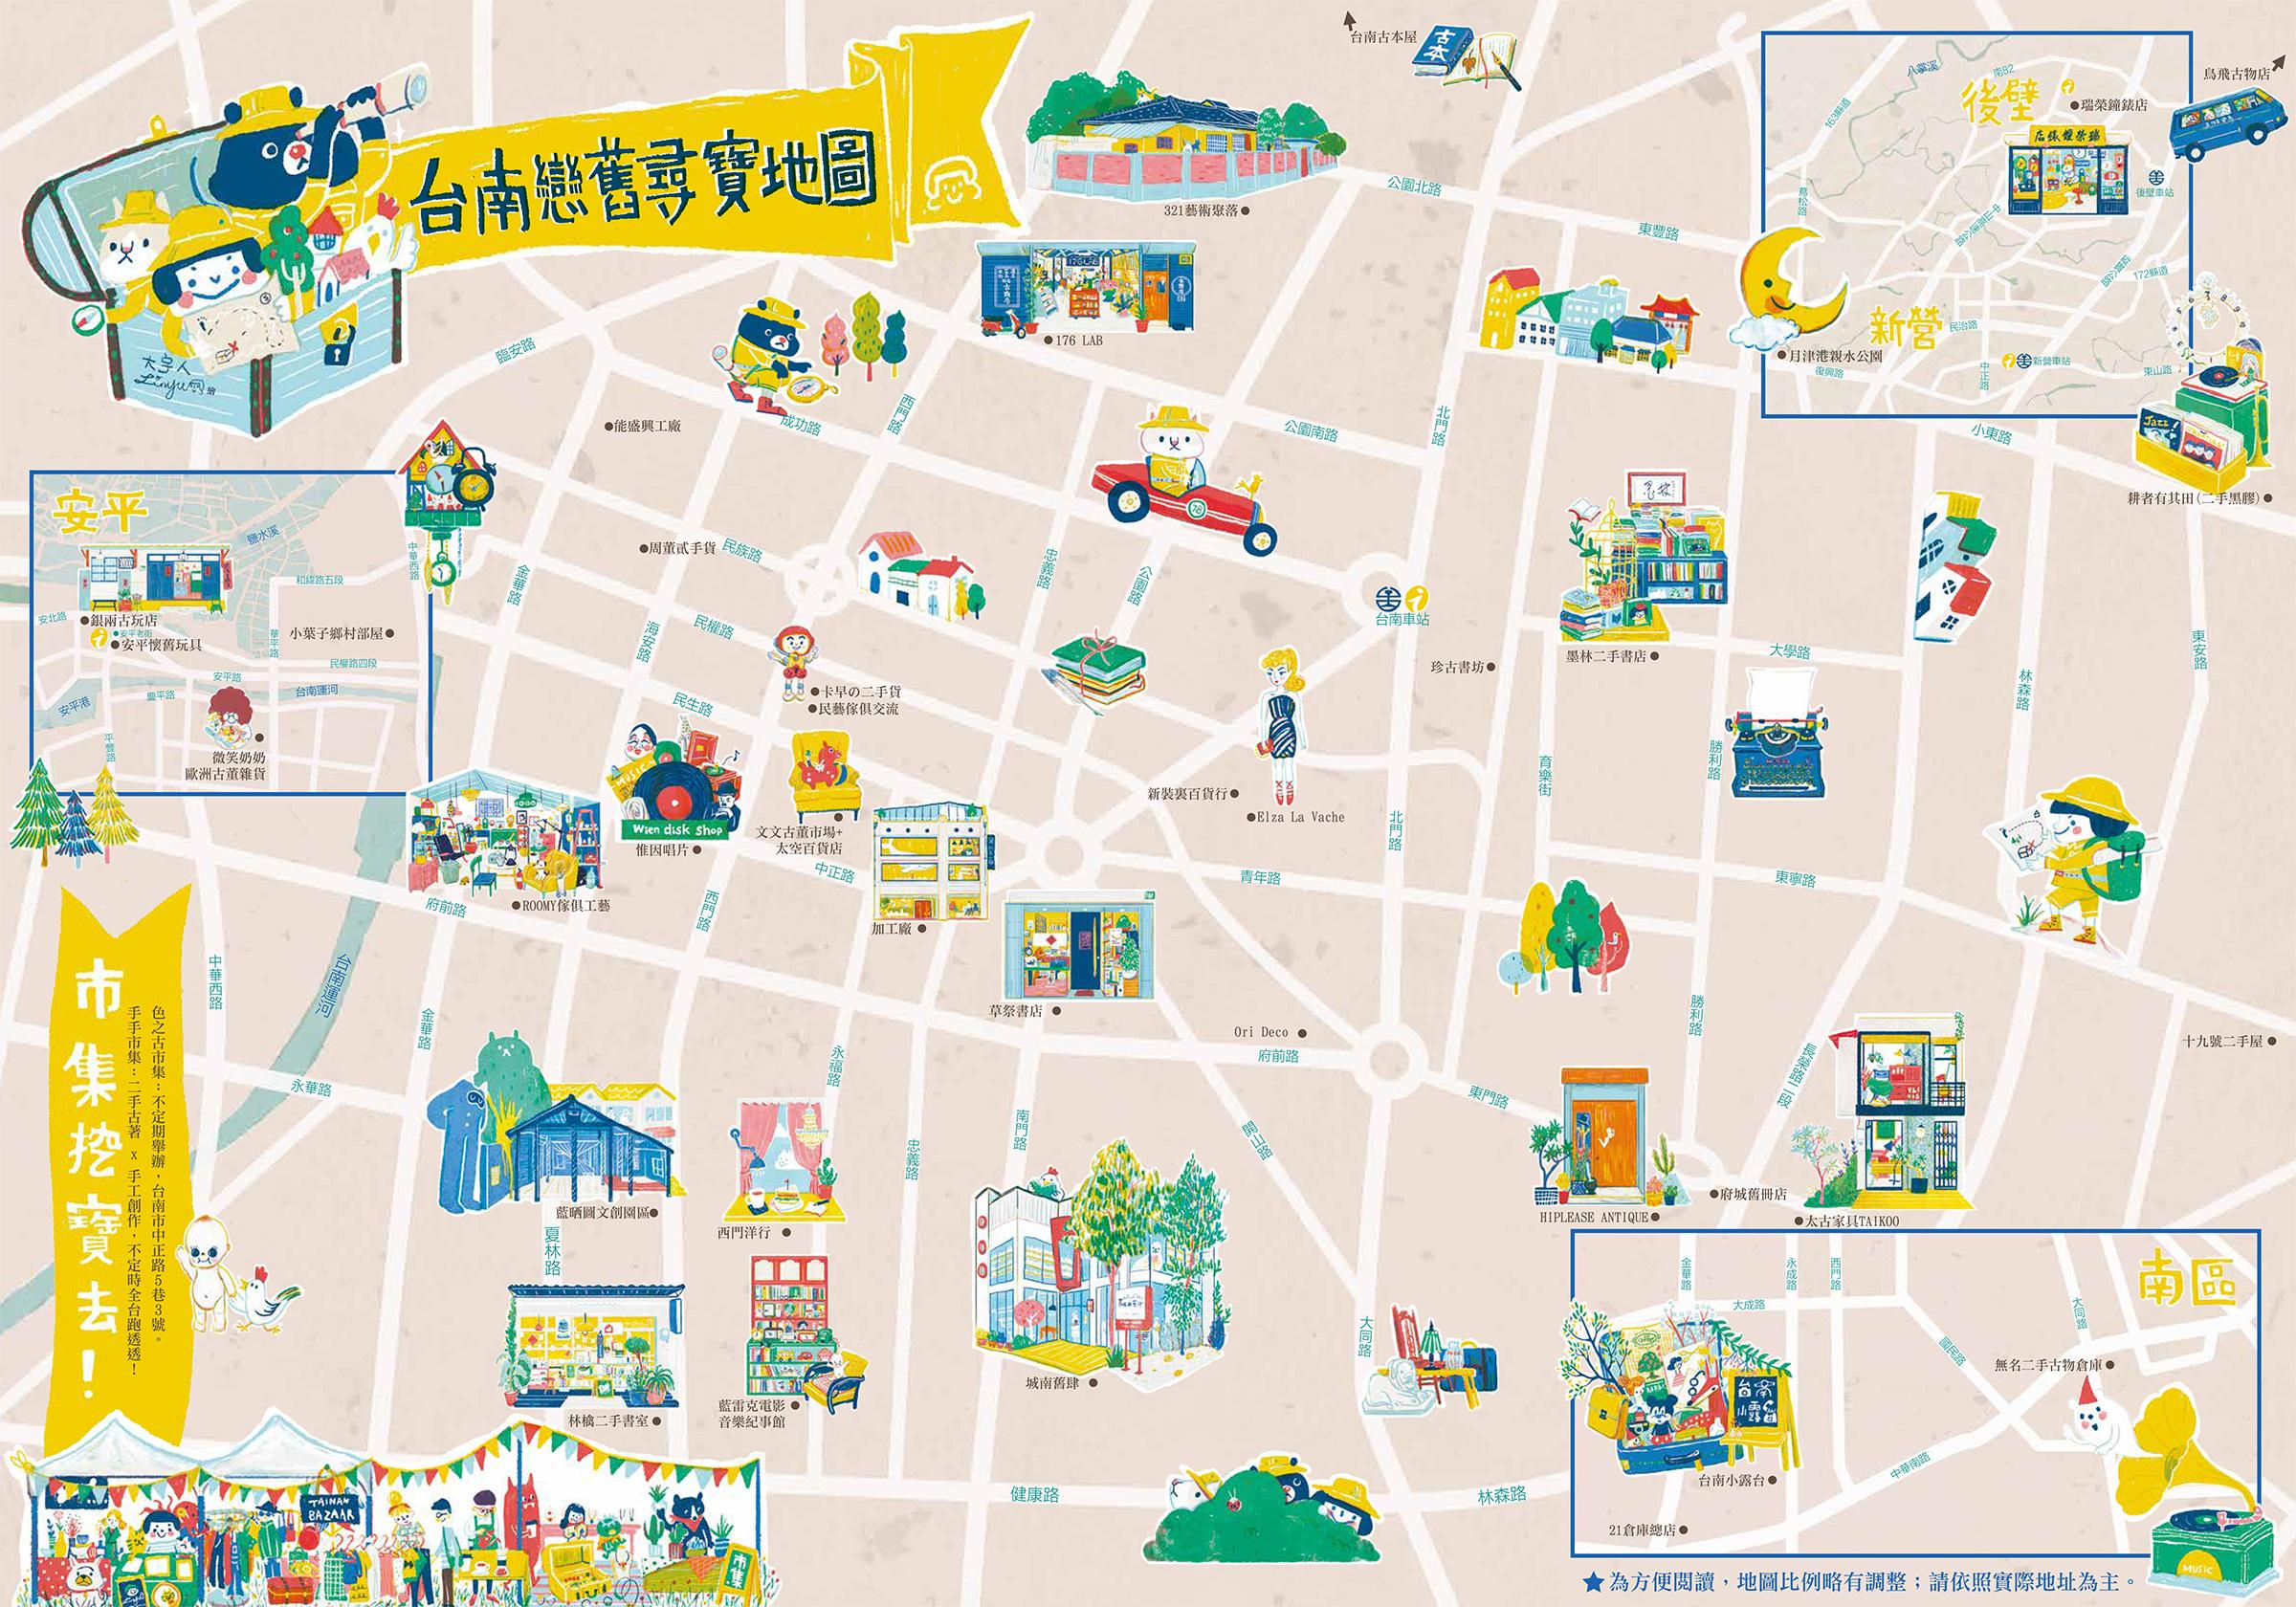 台南戀舊尋寶地圖-地圖頁